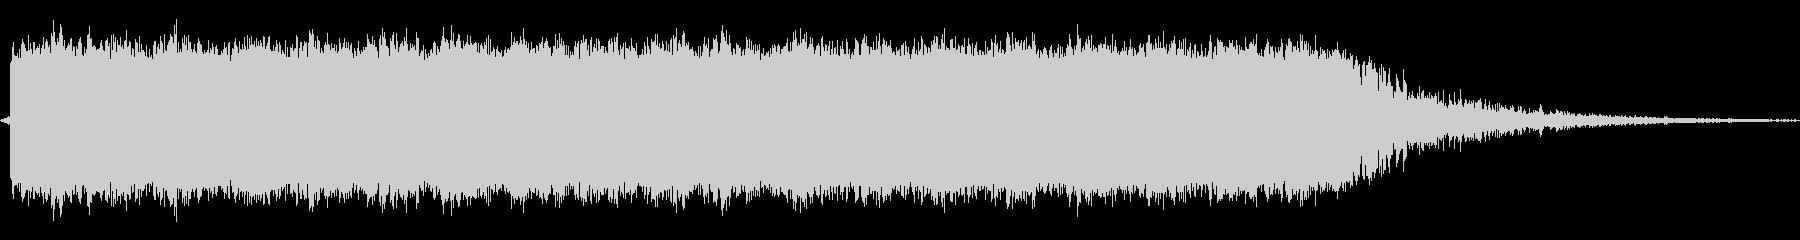 サブマシンガンの未再生の波形